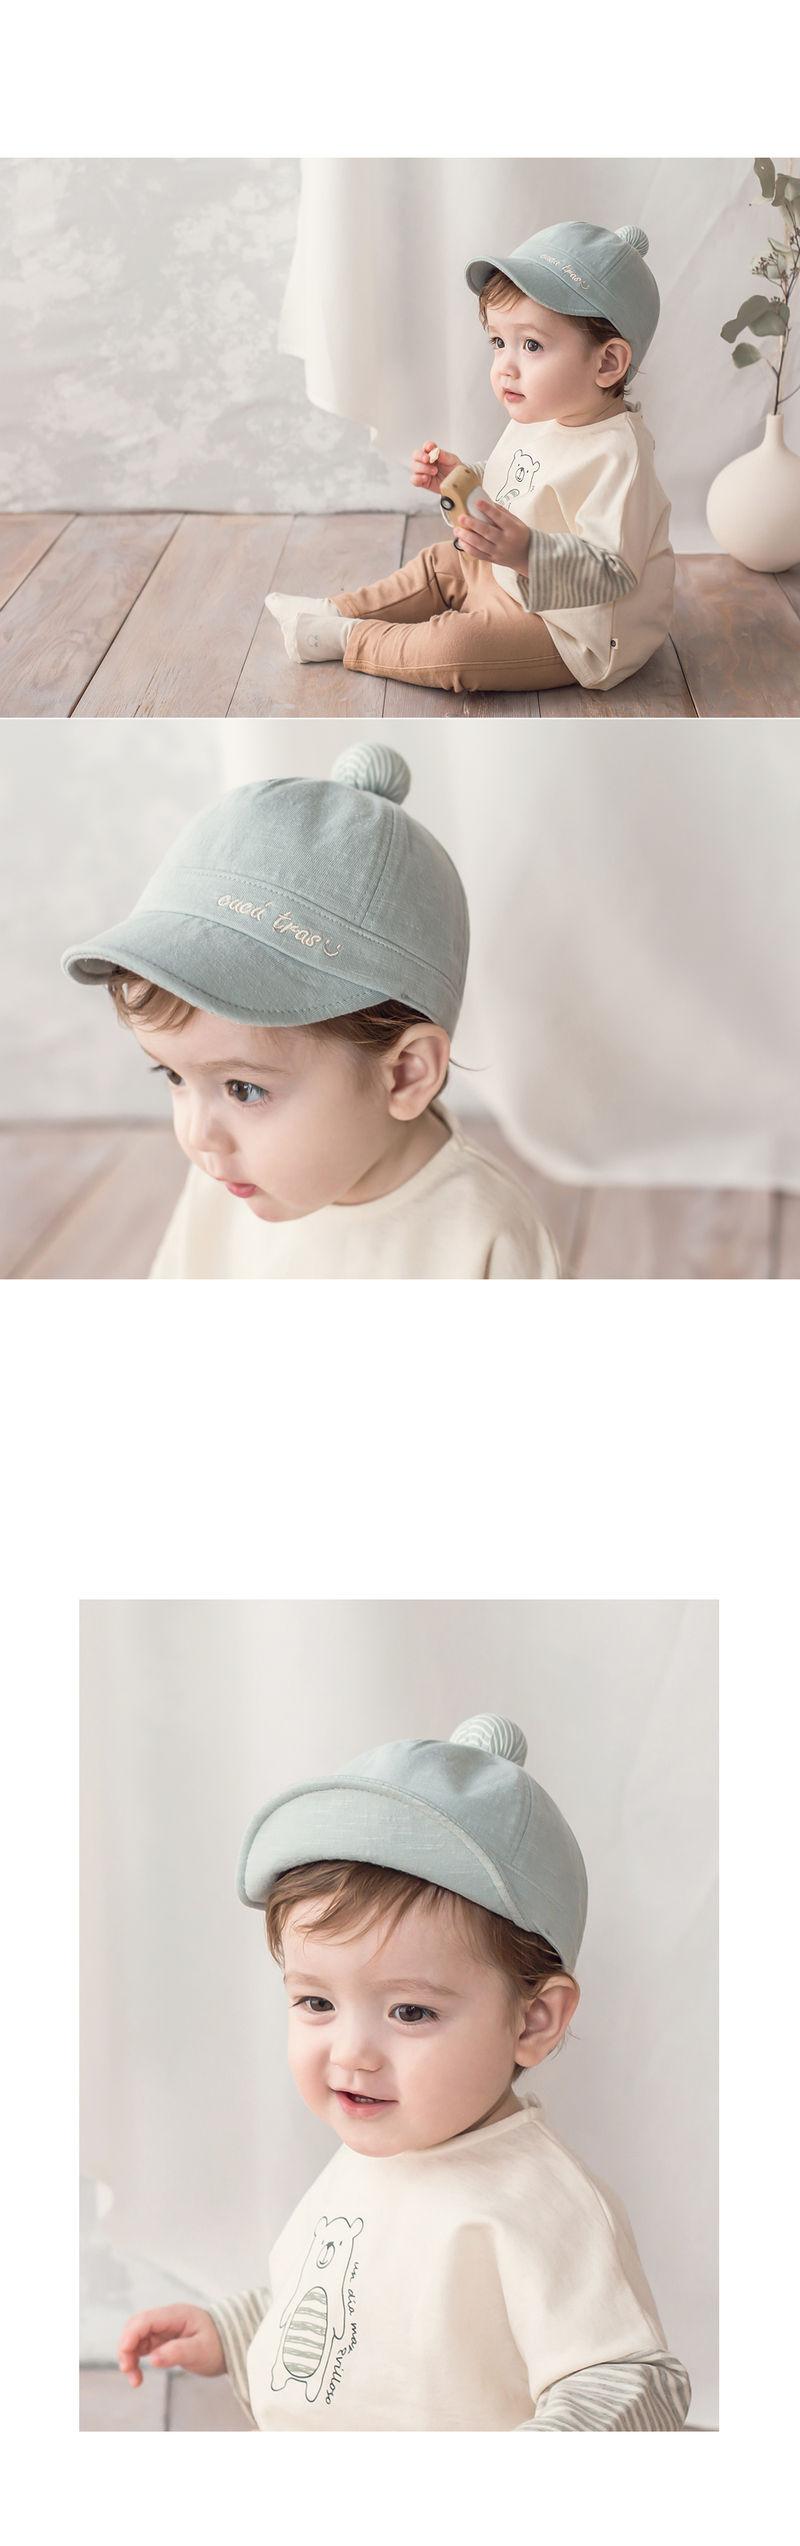 HAPPY PRINCE - Korean Children Fashion - #Kfashion4kids - Croquis Wire Cap - 3